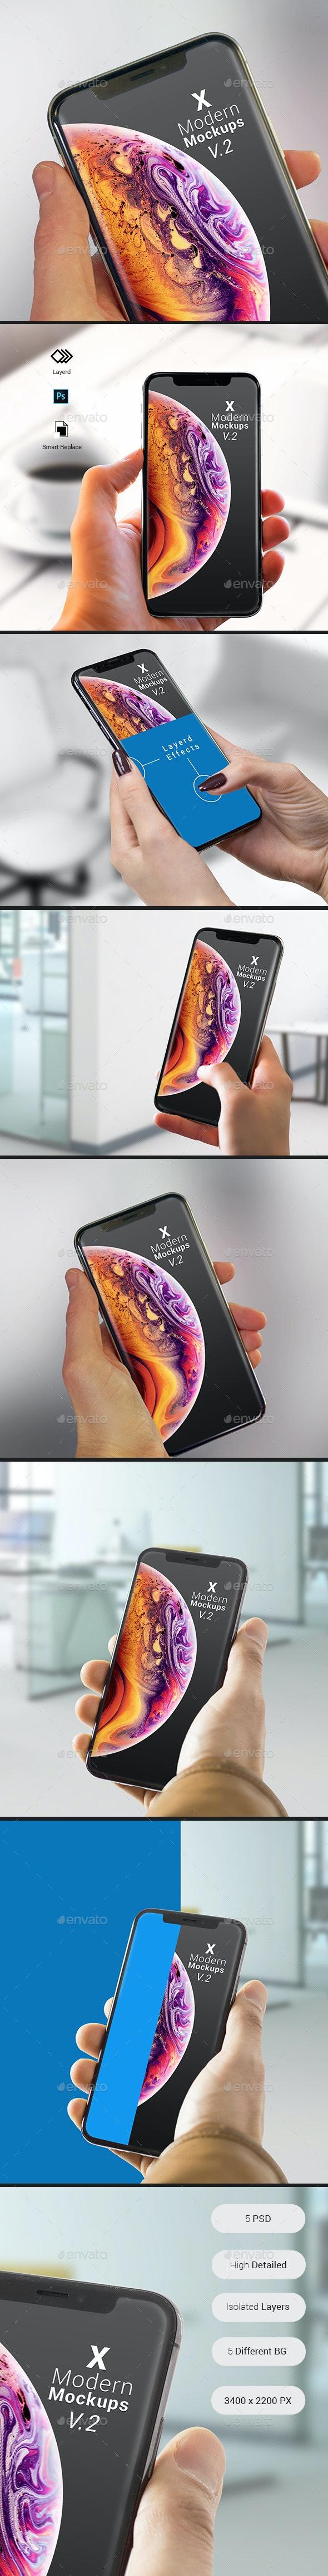 X Modern Mock-ups V2 - Apps Ui Showcase - Mobile Displays